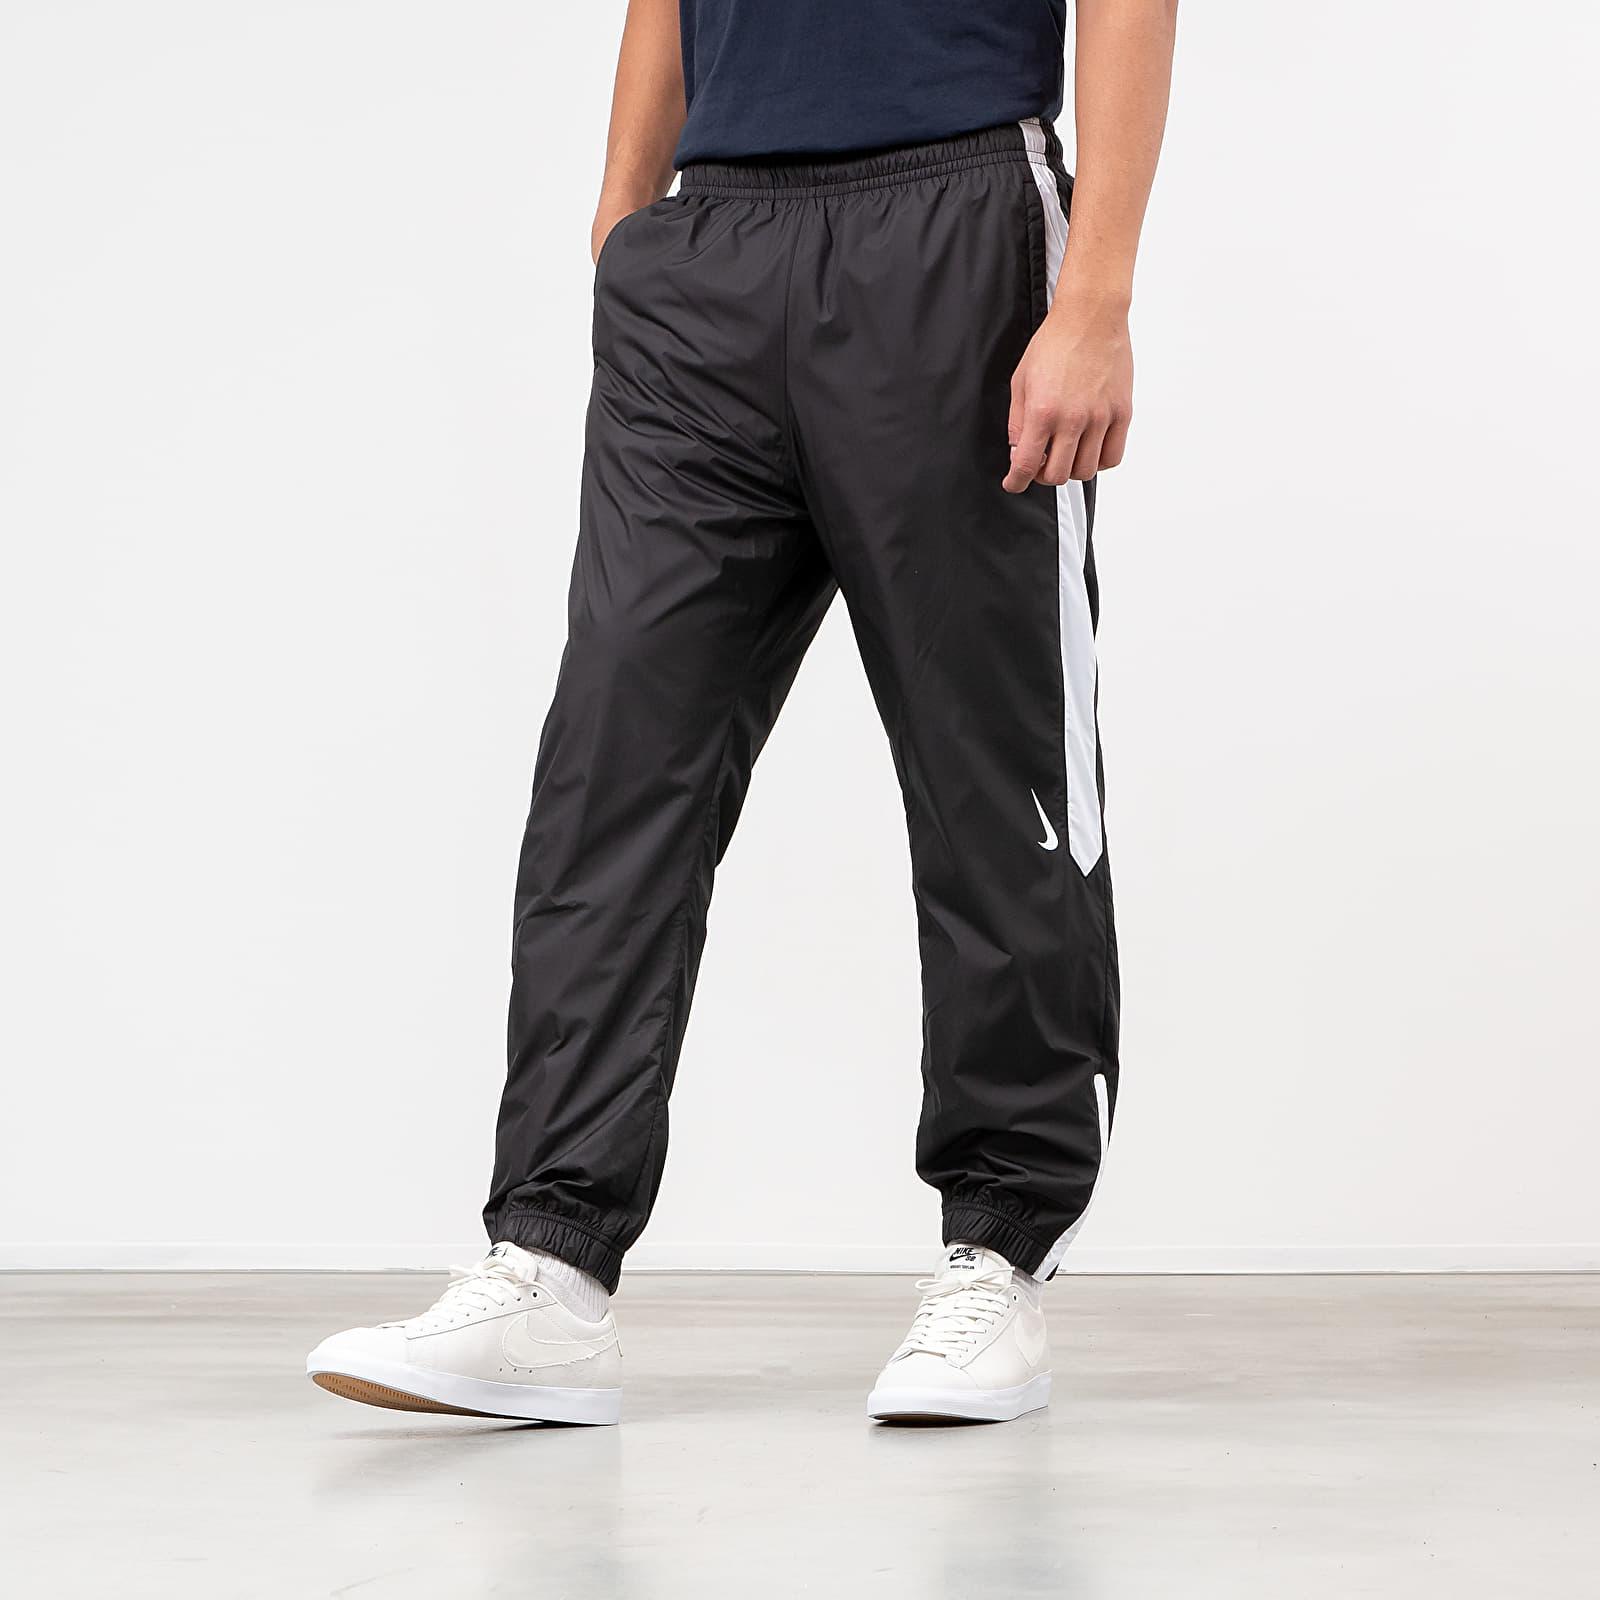 Pantalons Nike SB Shield Skate Track Pants Black/ White